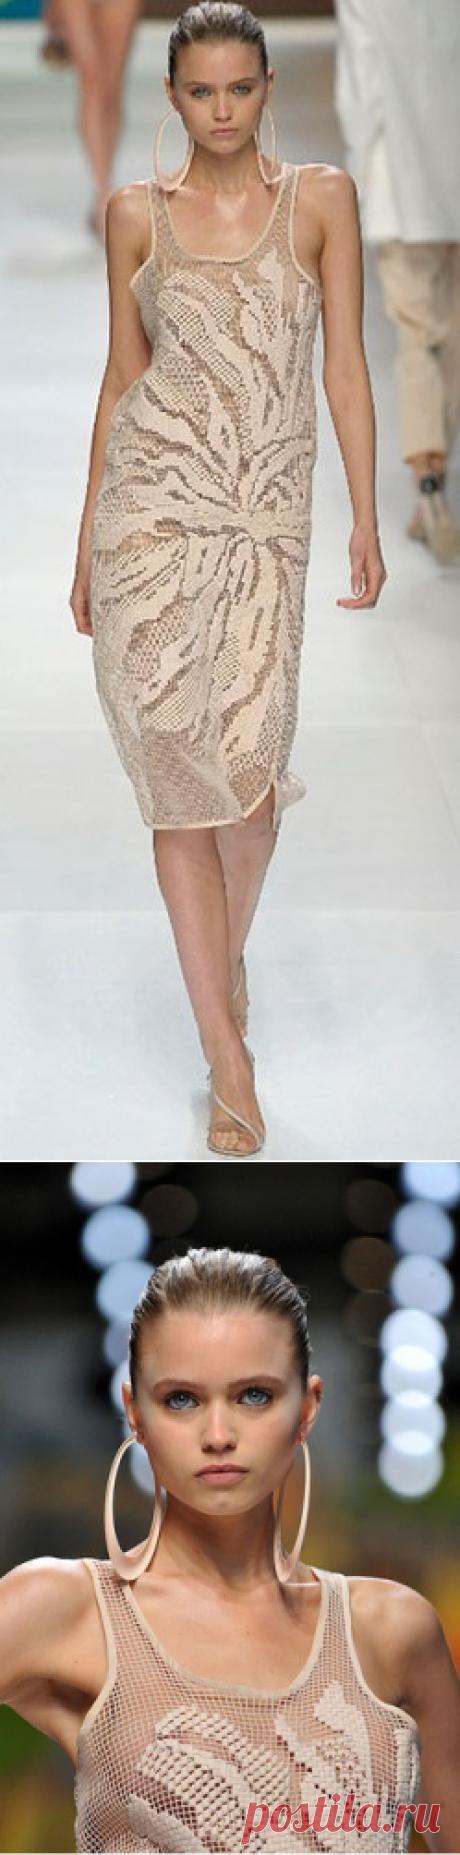 Филейное вязание крючком - Платье Астра от Stella McCartney в филейной технике